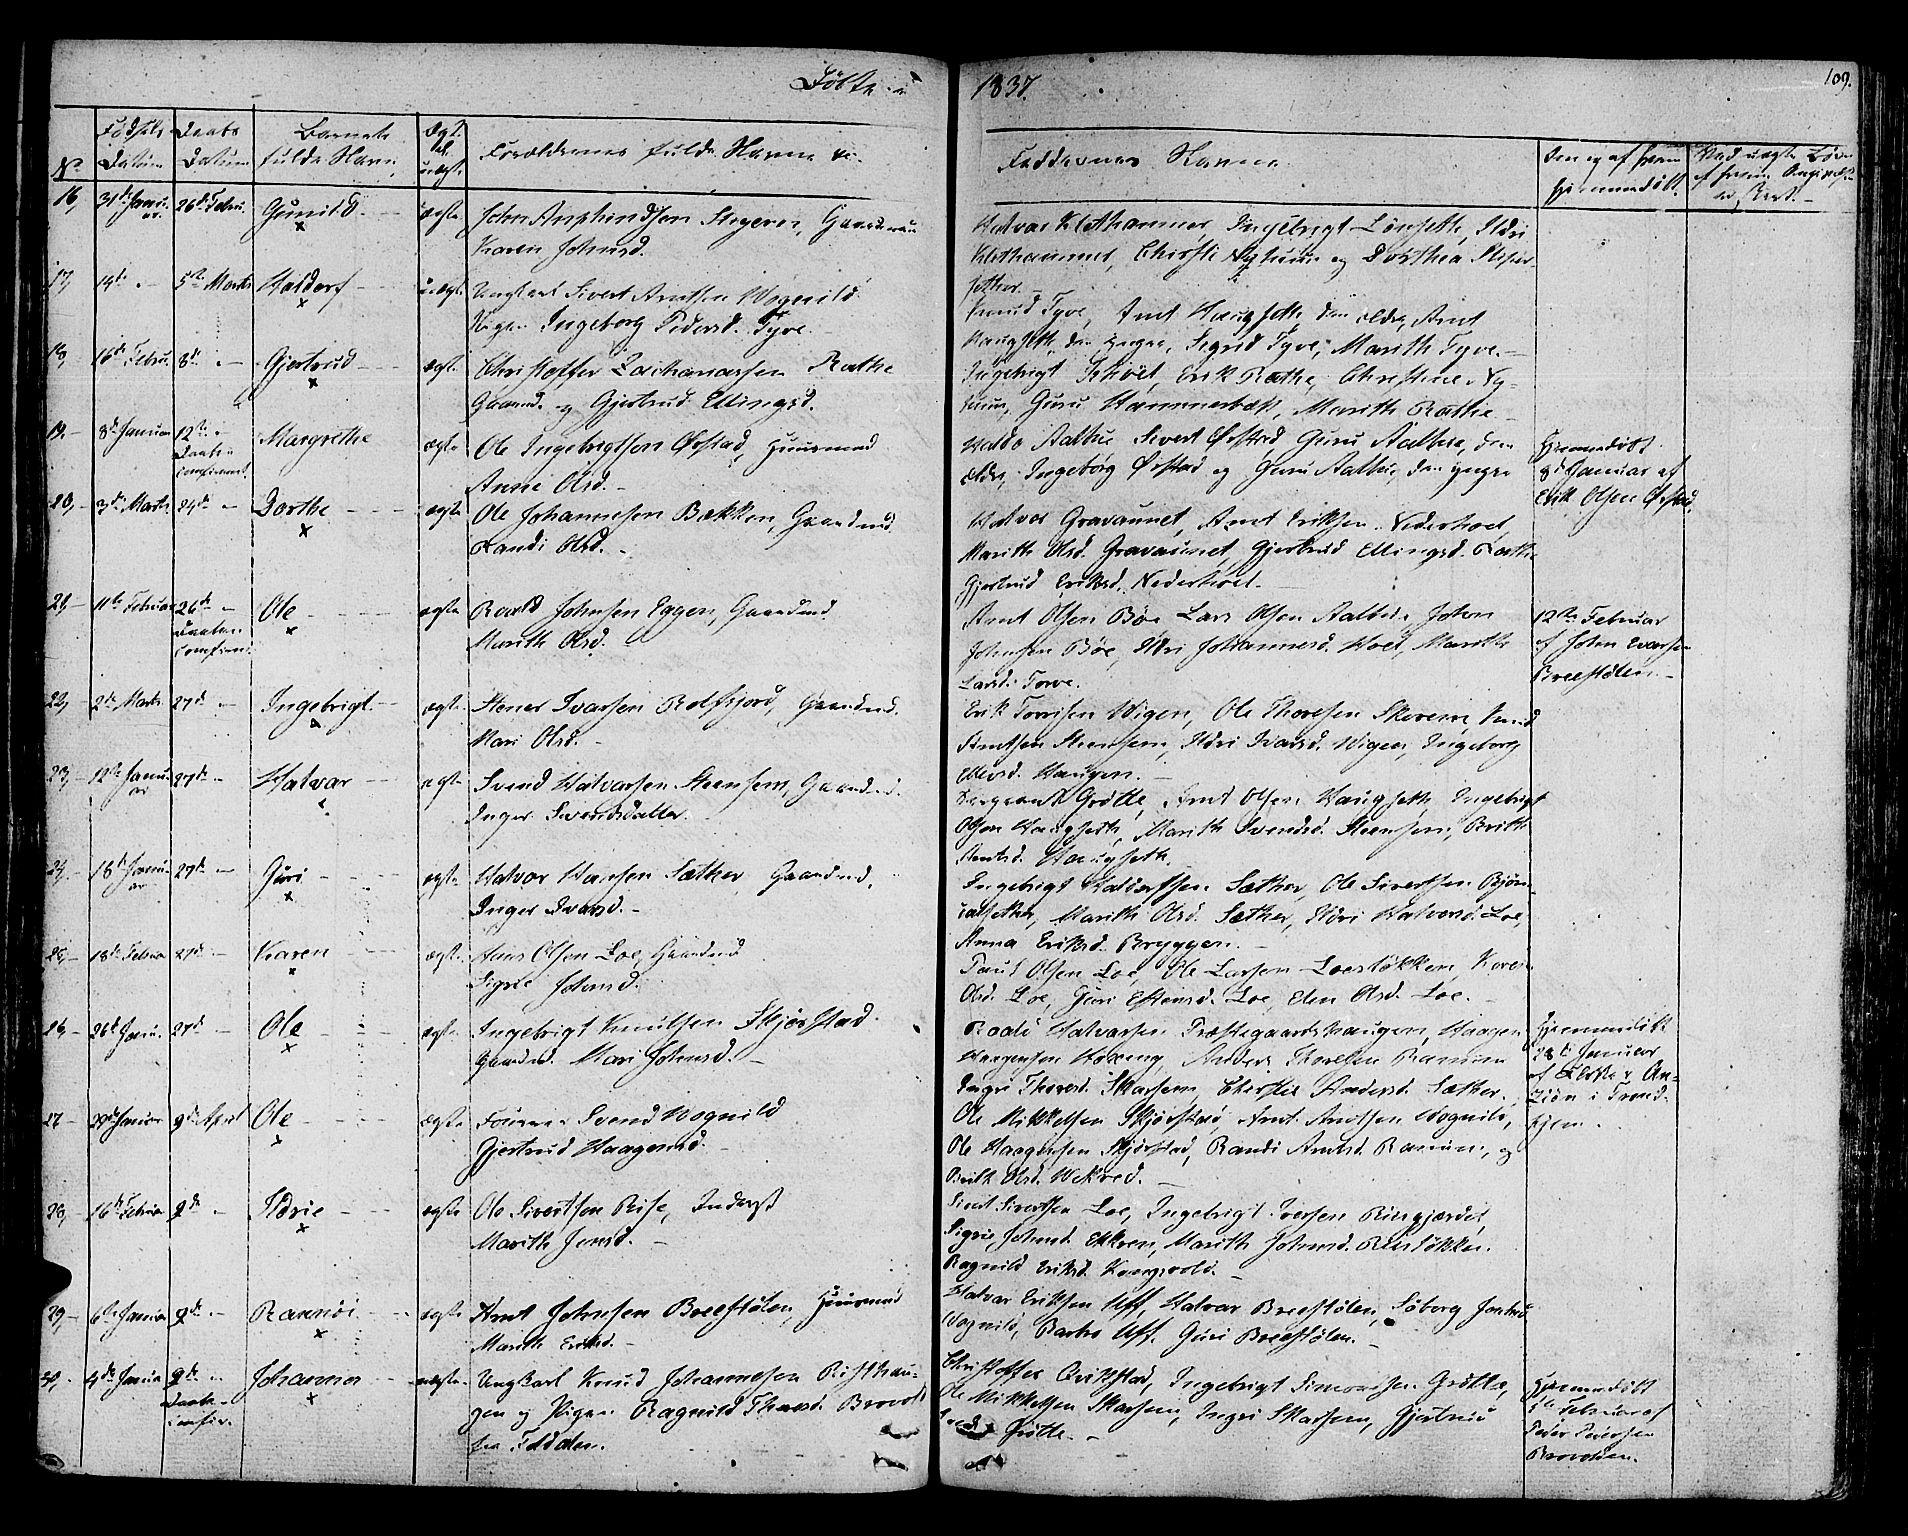 SAT, Ministerialprotokoller, klokkerbøker og fødselsregistre - Sør-Trøndelag, 678/L0897: Ministerialbok nr. 678A06-07, 1821-1847, s. 109